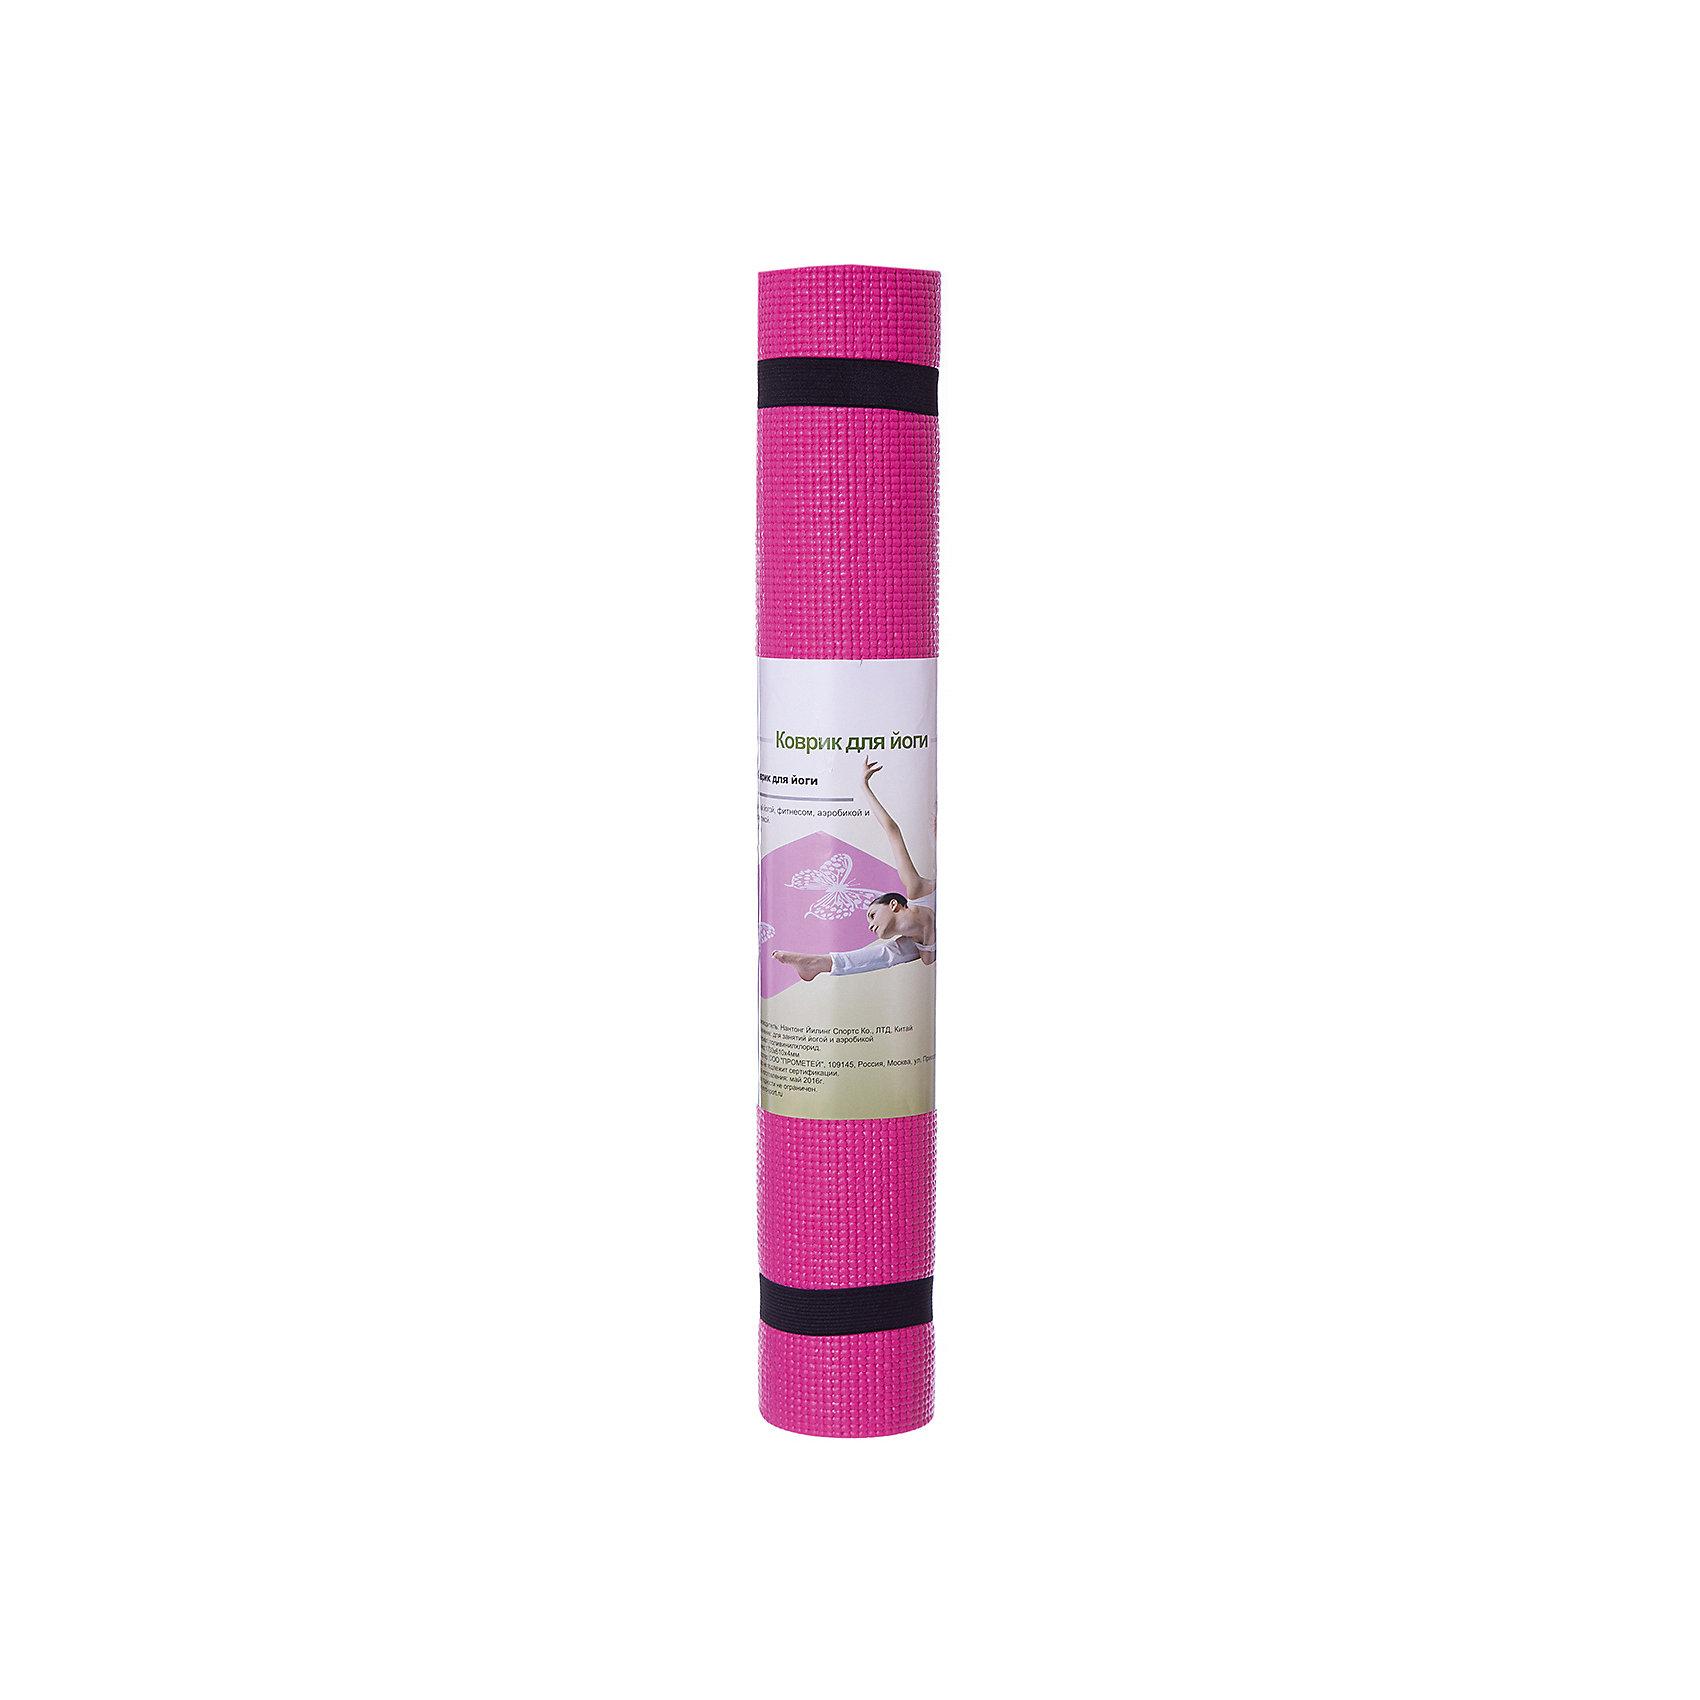 Коврик для йоги  ВВ8300, Z-Sports, розовыйОсновные характеристики<br><br>Материал: поливинилхлорид<br>Размер: 172х61х0,4см<br>Вес: 0,94кг<br>Цвета в ассортименте (розовый, фиолетовый, салатовый)<br>Вид применения: для занятий йогой, фитнесом, гимнастикой и аэробикой<br>Страна-производитель: Китай<br>Упаковка: термоусадочная пленка с цветным постером<br><br>Изделие изготовлено из современного материала, мягкого, но одновременно достаточно прочного, способного выдержать сильные механические нагрузки. Коврик без дополнительных приспособлений жестко фиксируется на самой гладкой поверхности, не скользит и приятен на ощупь. Его эстетические параметры вполне соответствуют современным требованиям - на поверхности имеются рисунки. Применяется для занятий йогой, фитнесом и аэробикой как в домашних условиях, так и в спортзалах. <br><br>Преимущества коврика BB8300:<br>- противоскользящая поверхность;<br>- оптимальный размер и вес;<br>- приятный современный дизайн и расцветка;<br>- его легко мыть и хранить, скатав в рулон.<br><br>Ширина мм: 100<br>Глубина мм: 100<br>Высота мм: 610<br>Вес г: 1000<br>Возраст от месяцев: 36<br>Возраст до месяцев: 192<br>Пол: Унисекс<br>Возраст: Детский<br>SKU: 5512947